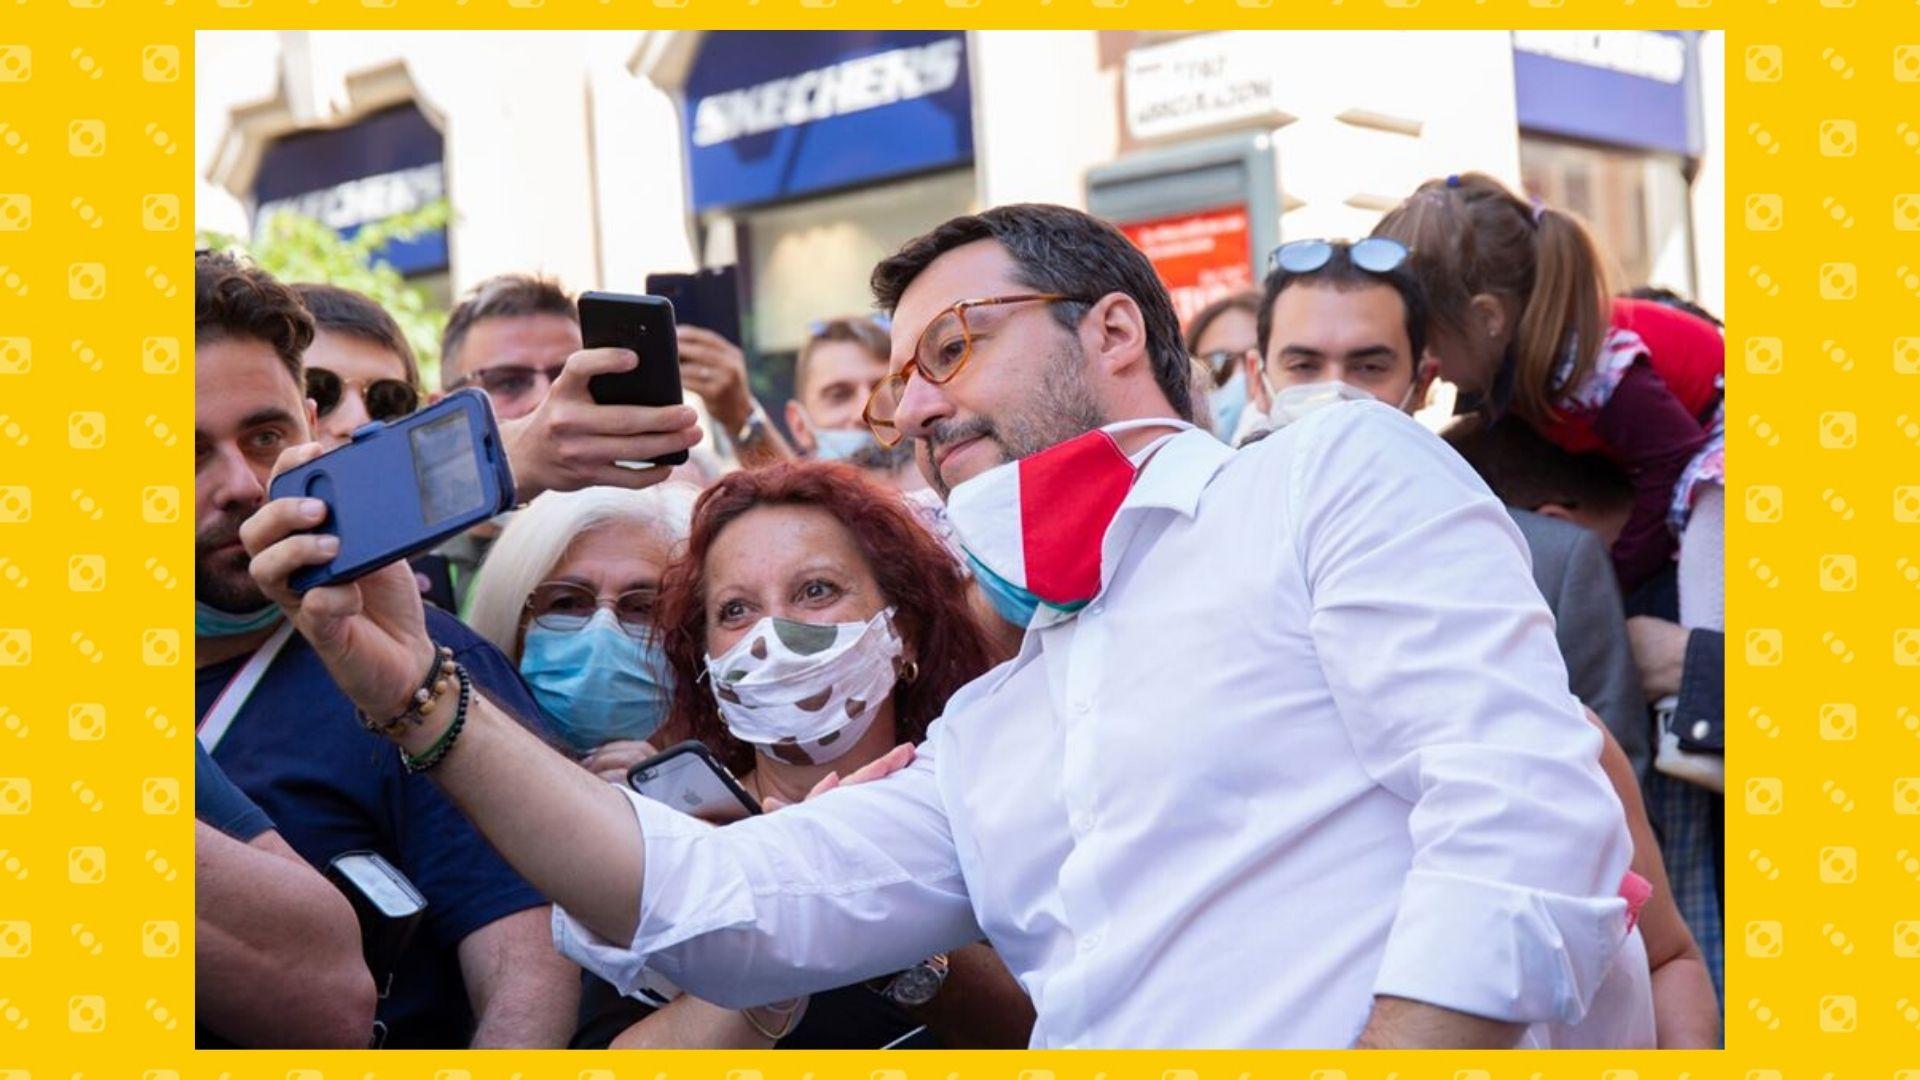 La destra italiana e l'uso strumentale della Festa della Repubblica